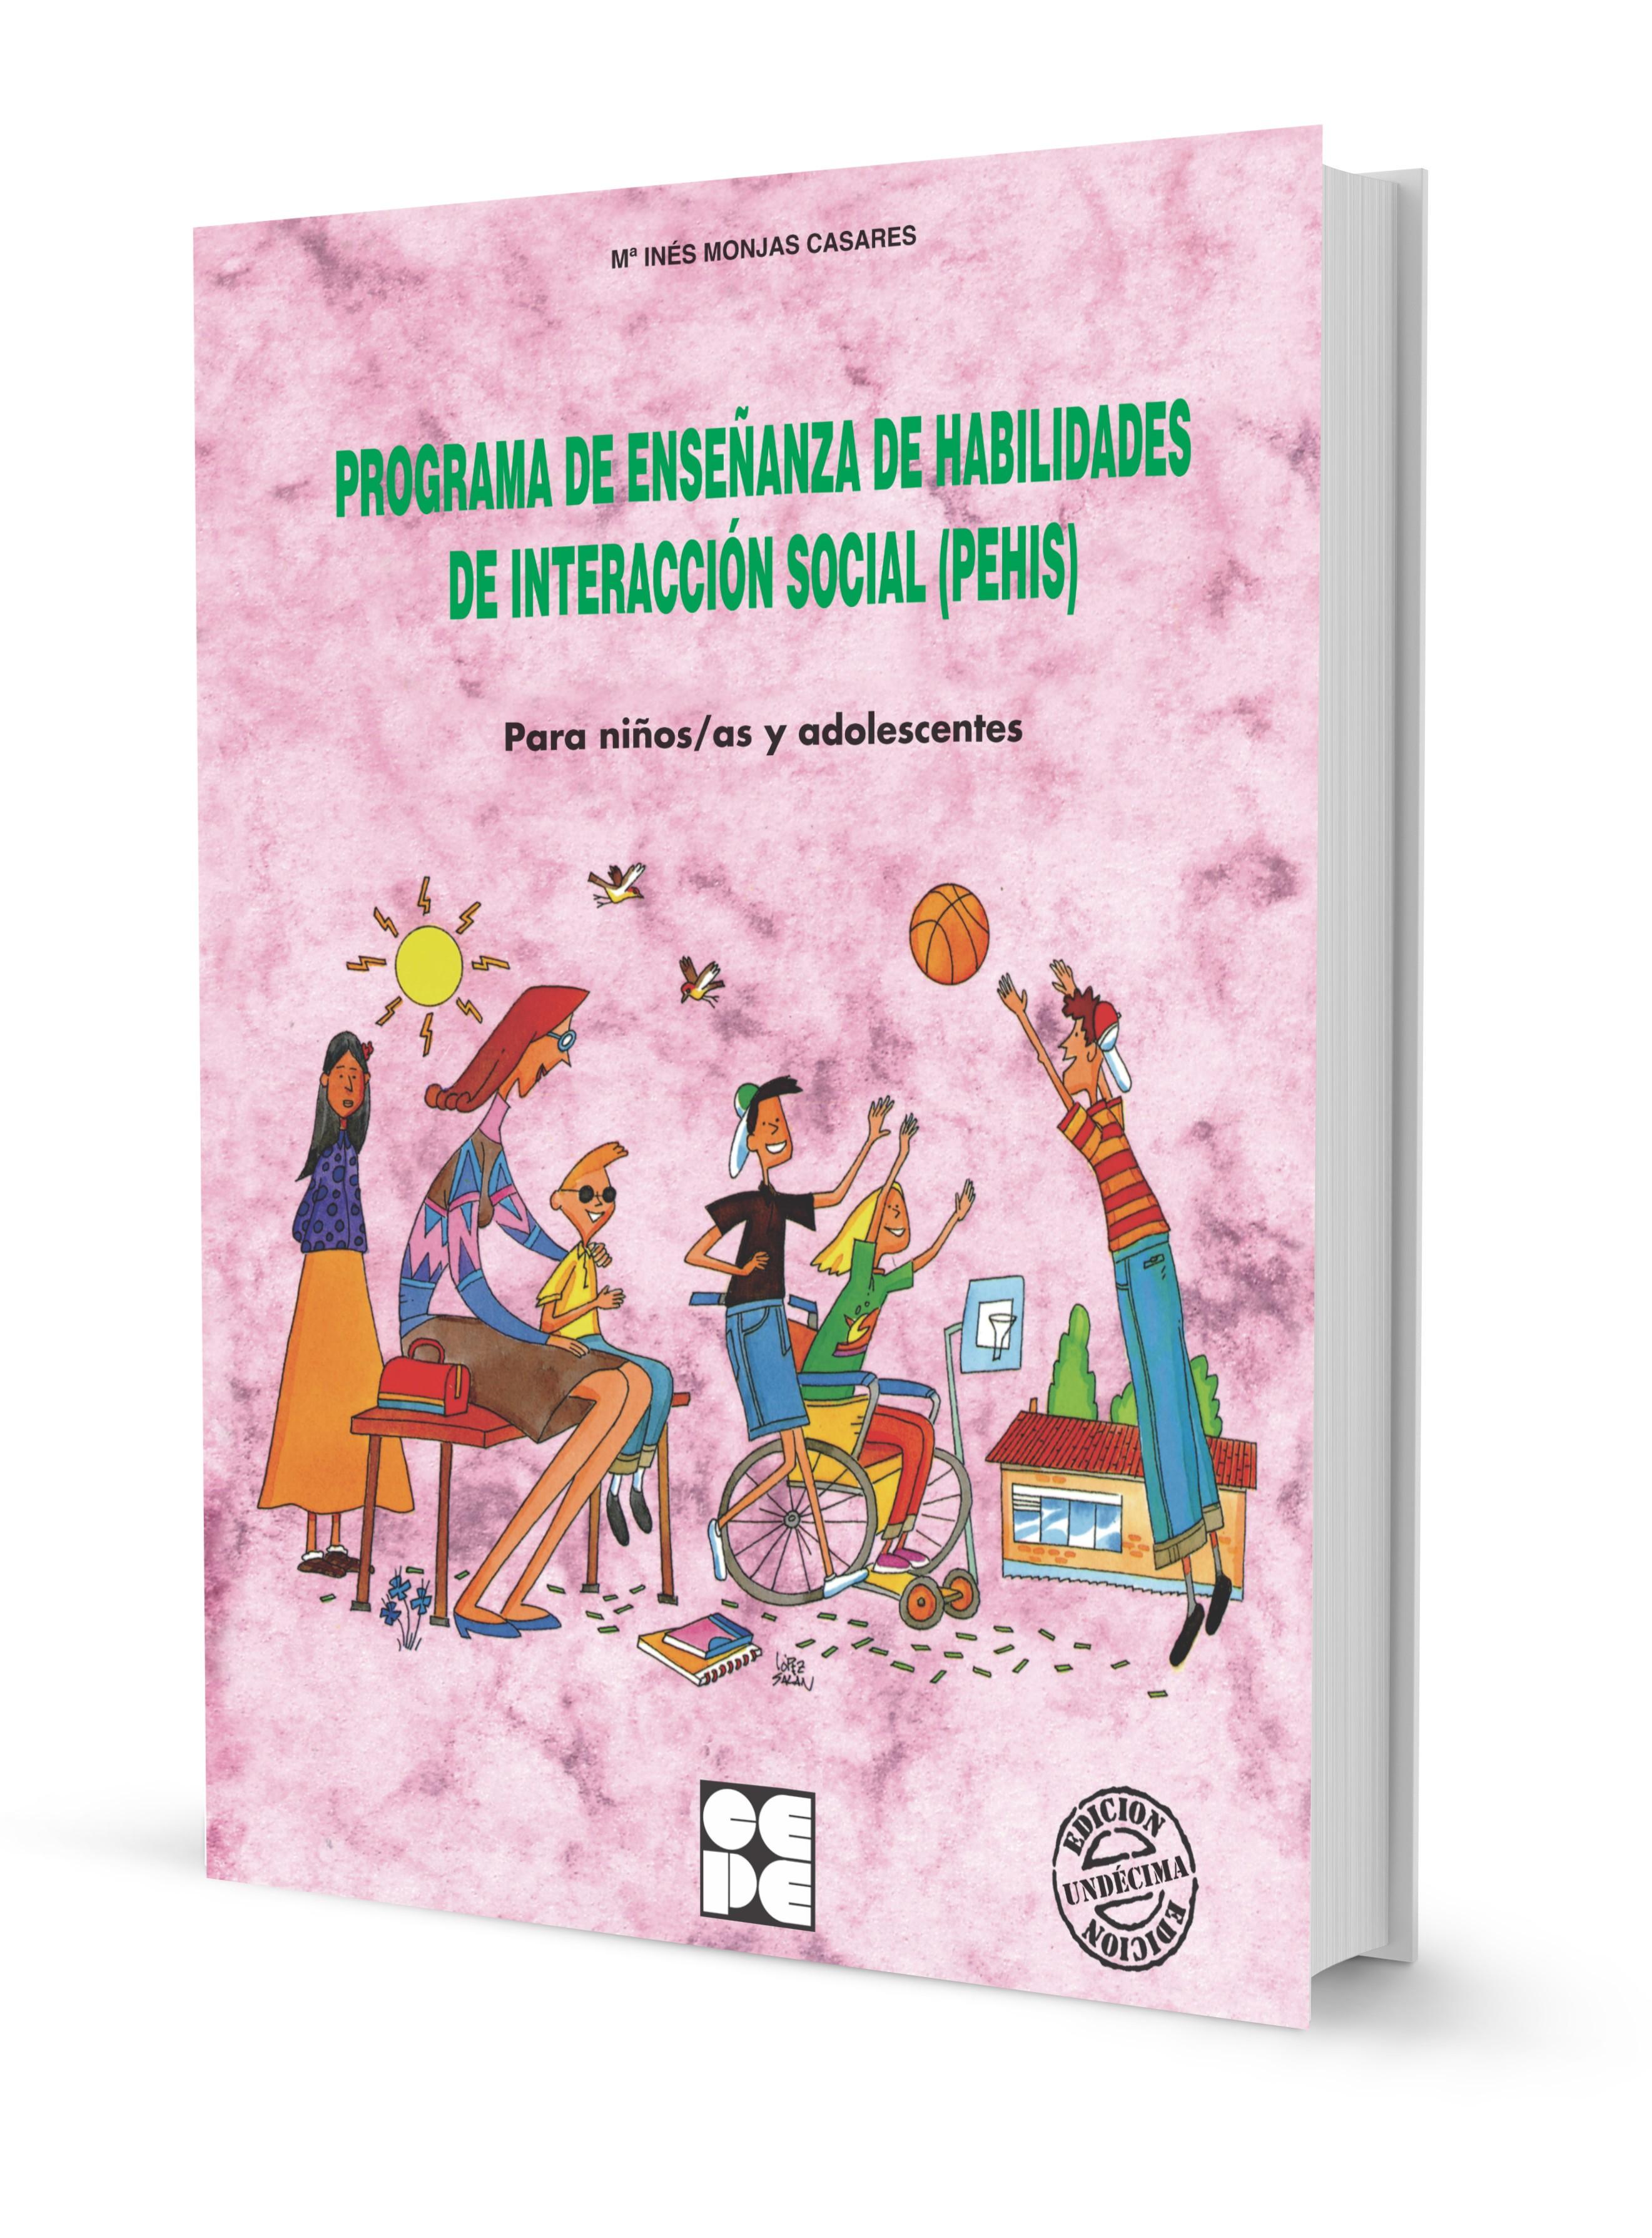 Programa de Enseñanza de Habilidades de Interacción Social (PEHIS). Para niños y niñas en edad escolar